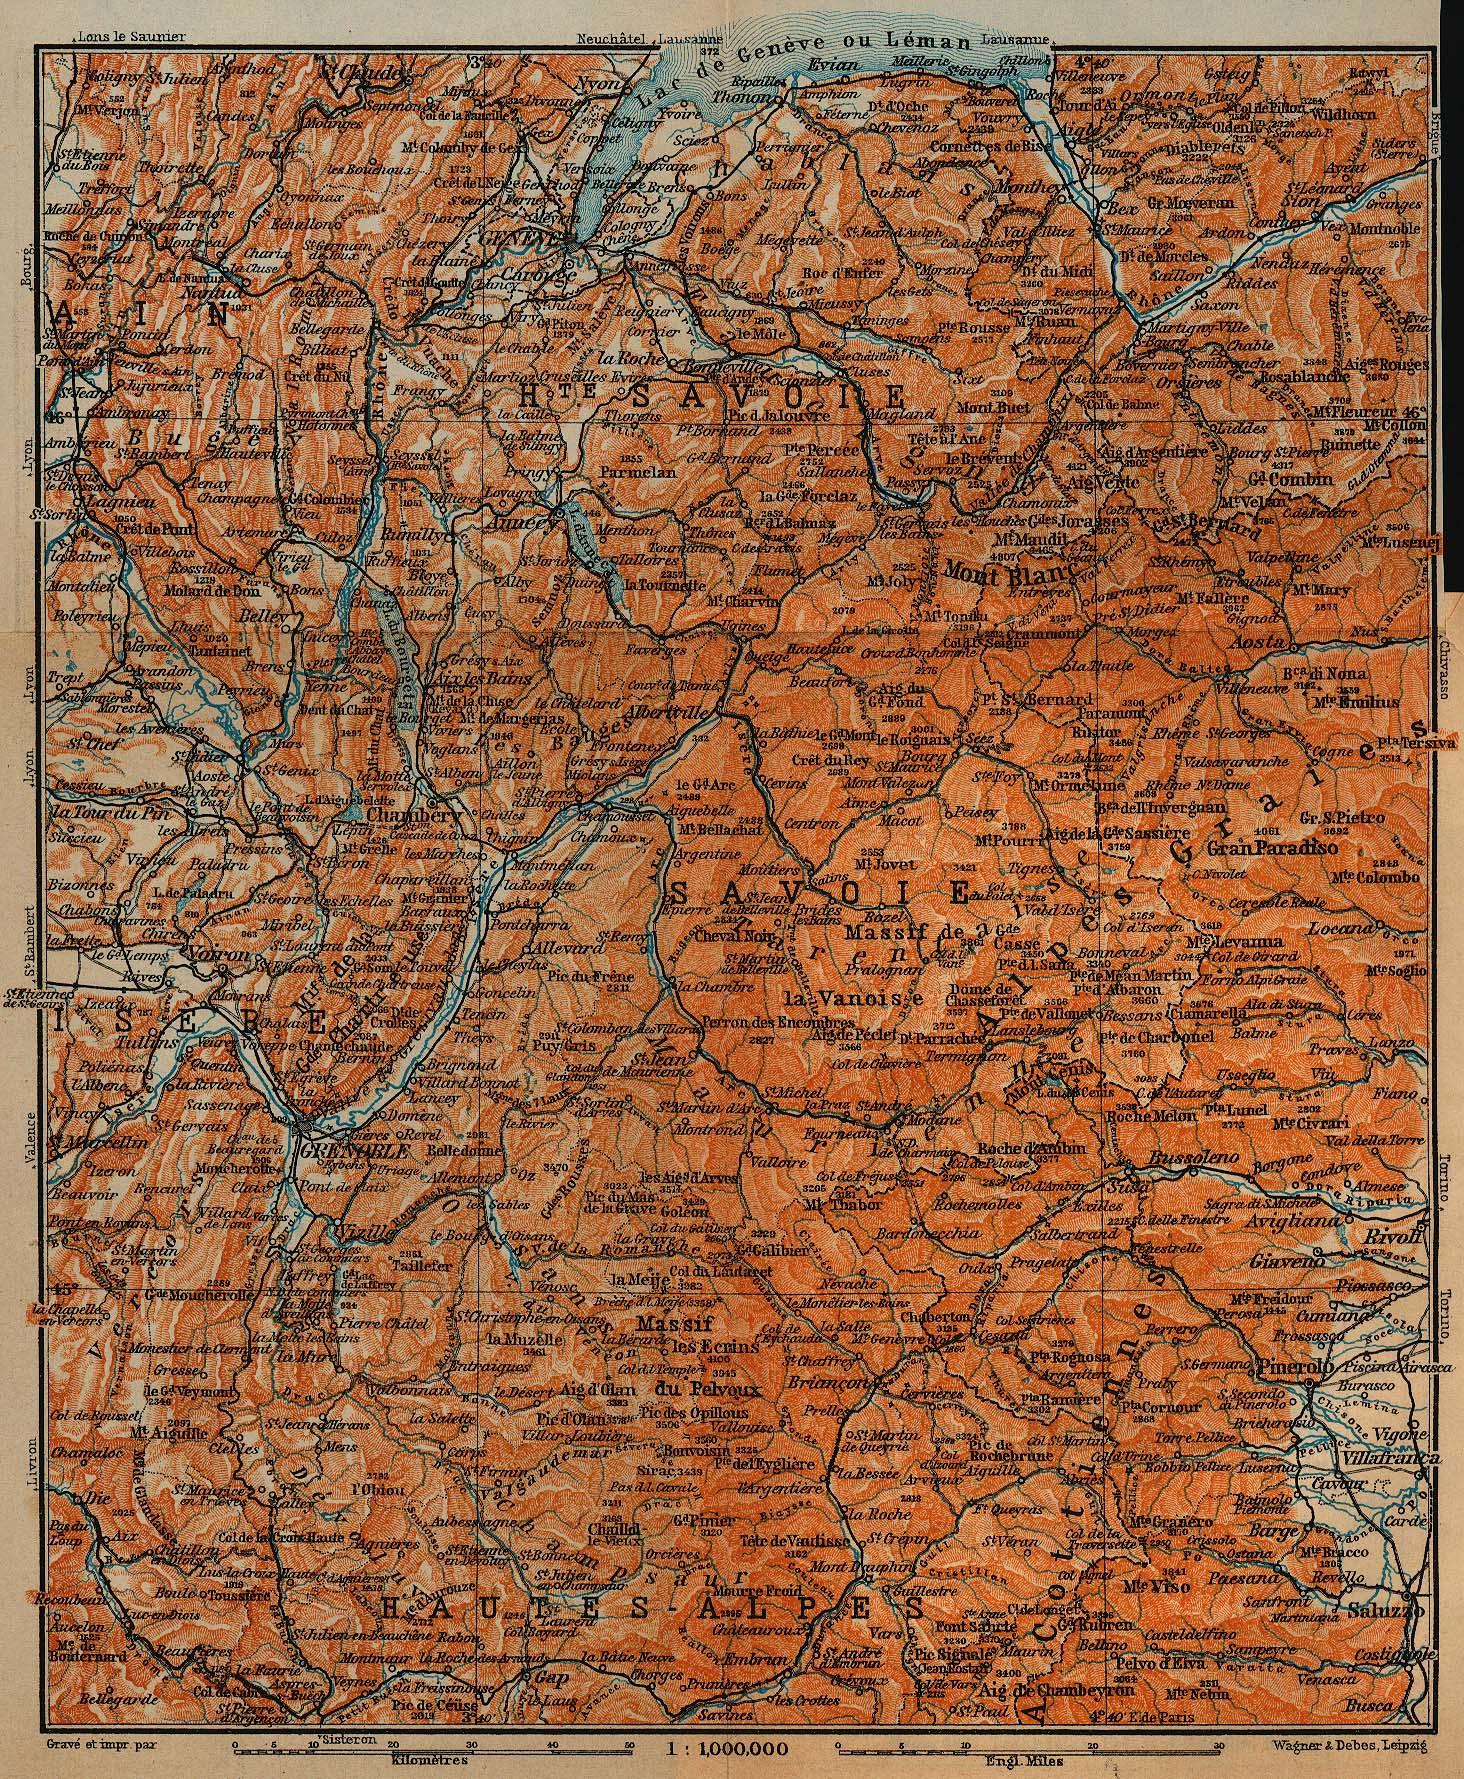 Mapa de Saboya y Delfinado, Francia 1914